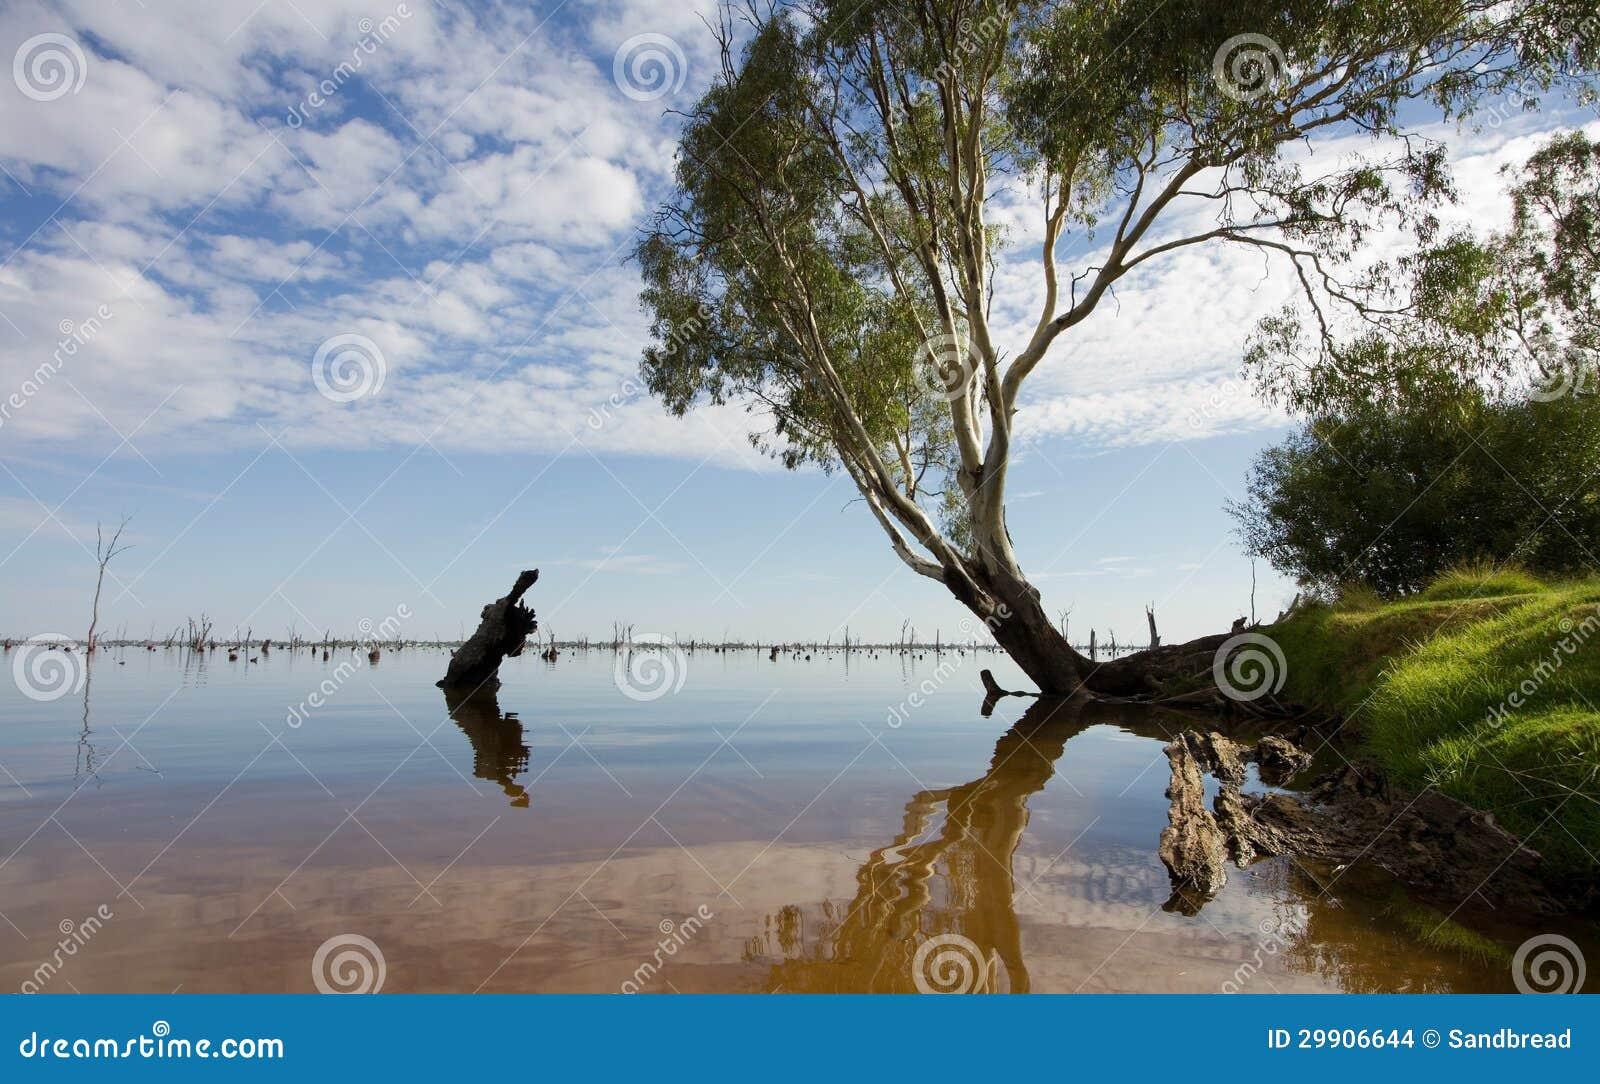 Mulwala Australia  city photo : Gum Tree At Lake Mulwala, Australia Stock Images Image: 29906644